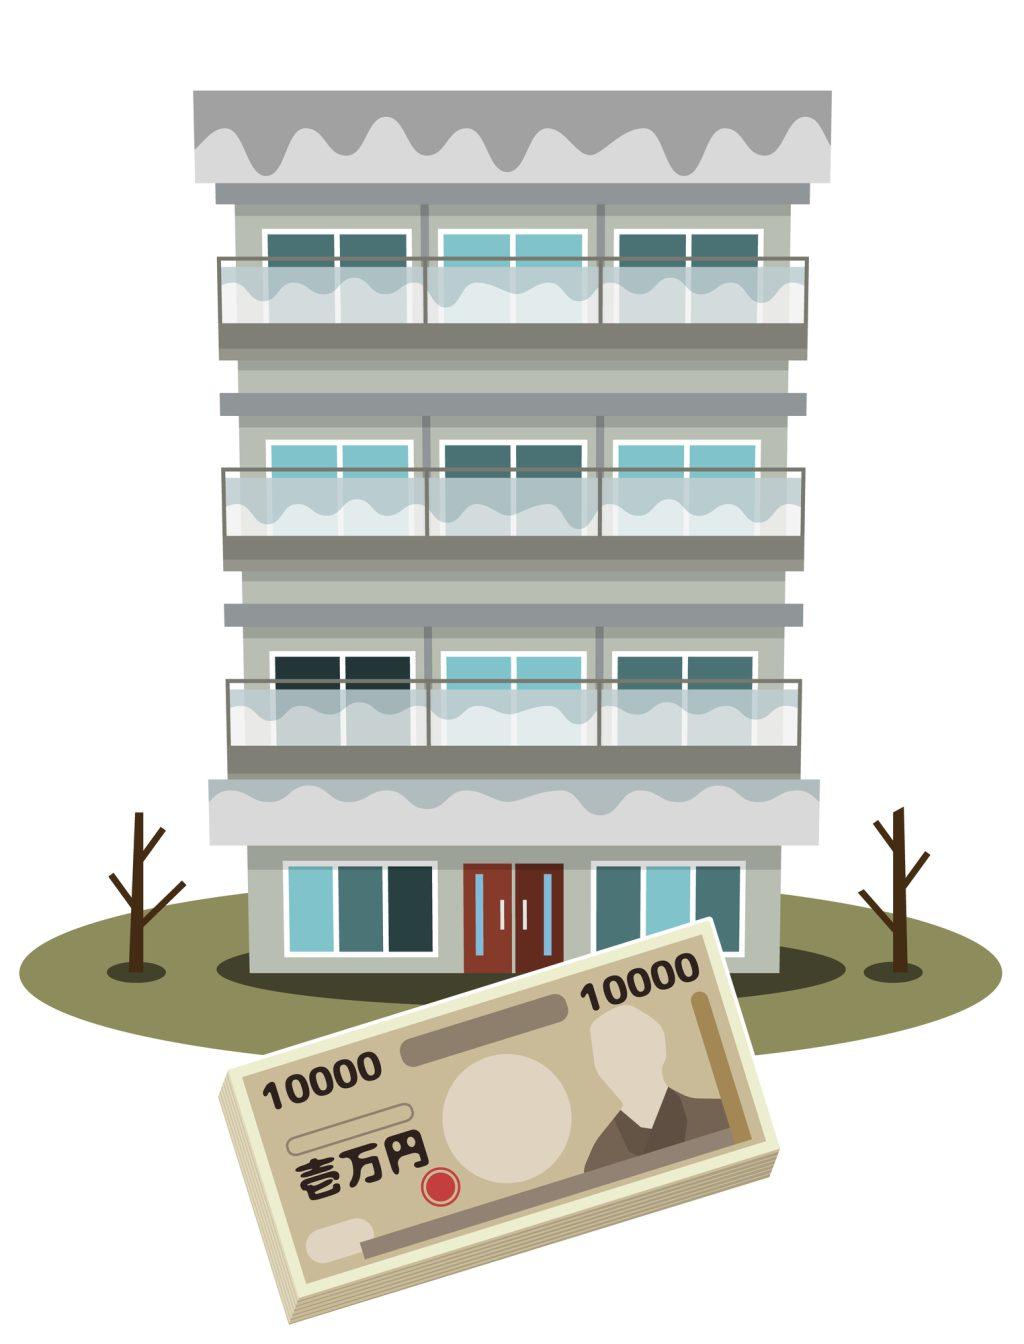 タワーマンションと家賃を表すイラスト